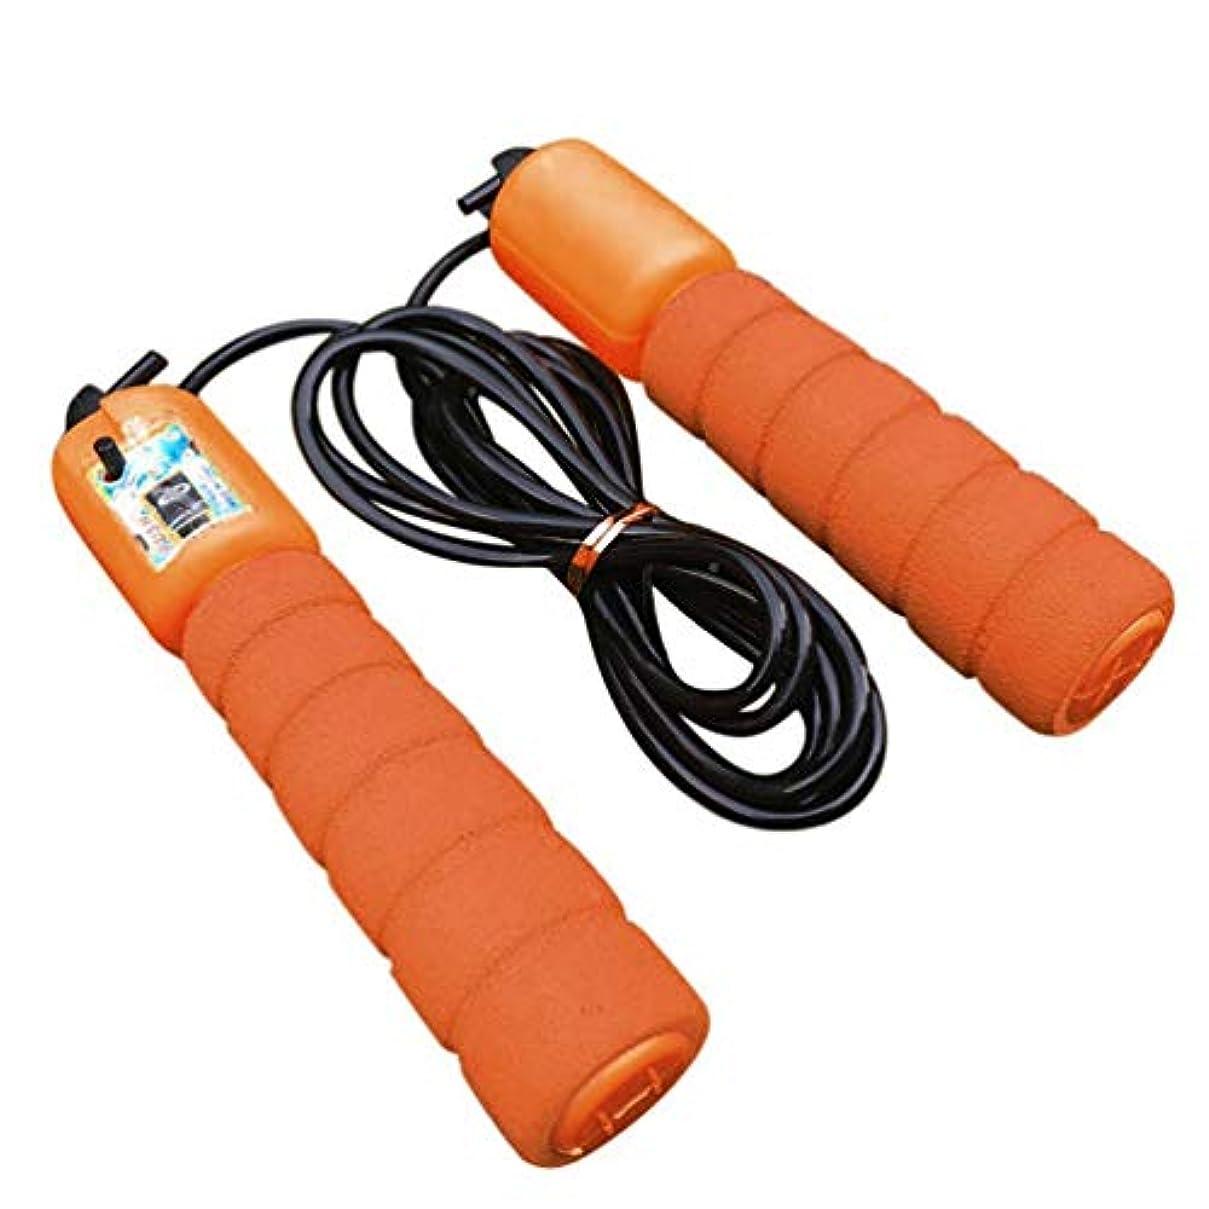 嫌悪請願者構成員調整可能なプロフェッショナルカウントスキップロープ自動カウントジャンプロープフィットネスエクササイズ高速スピードカウントジャンプロープ-オレンジ